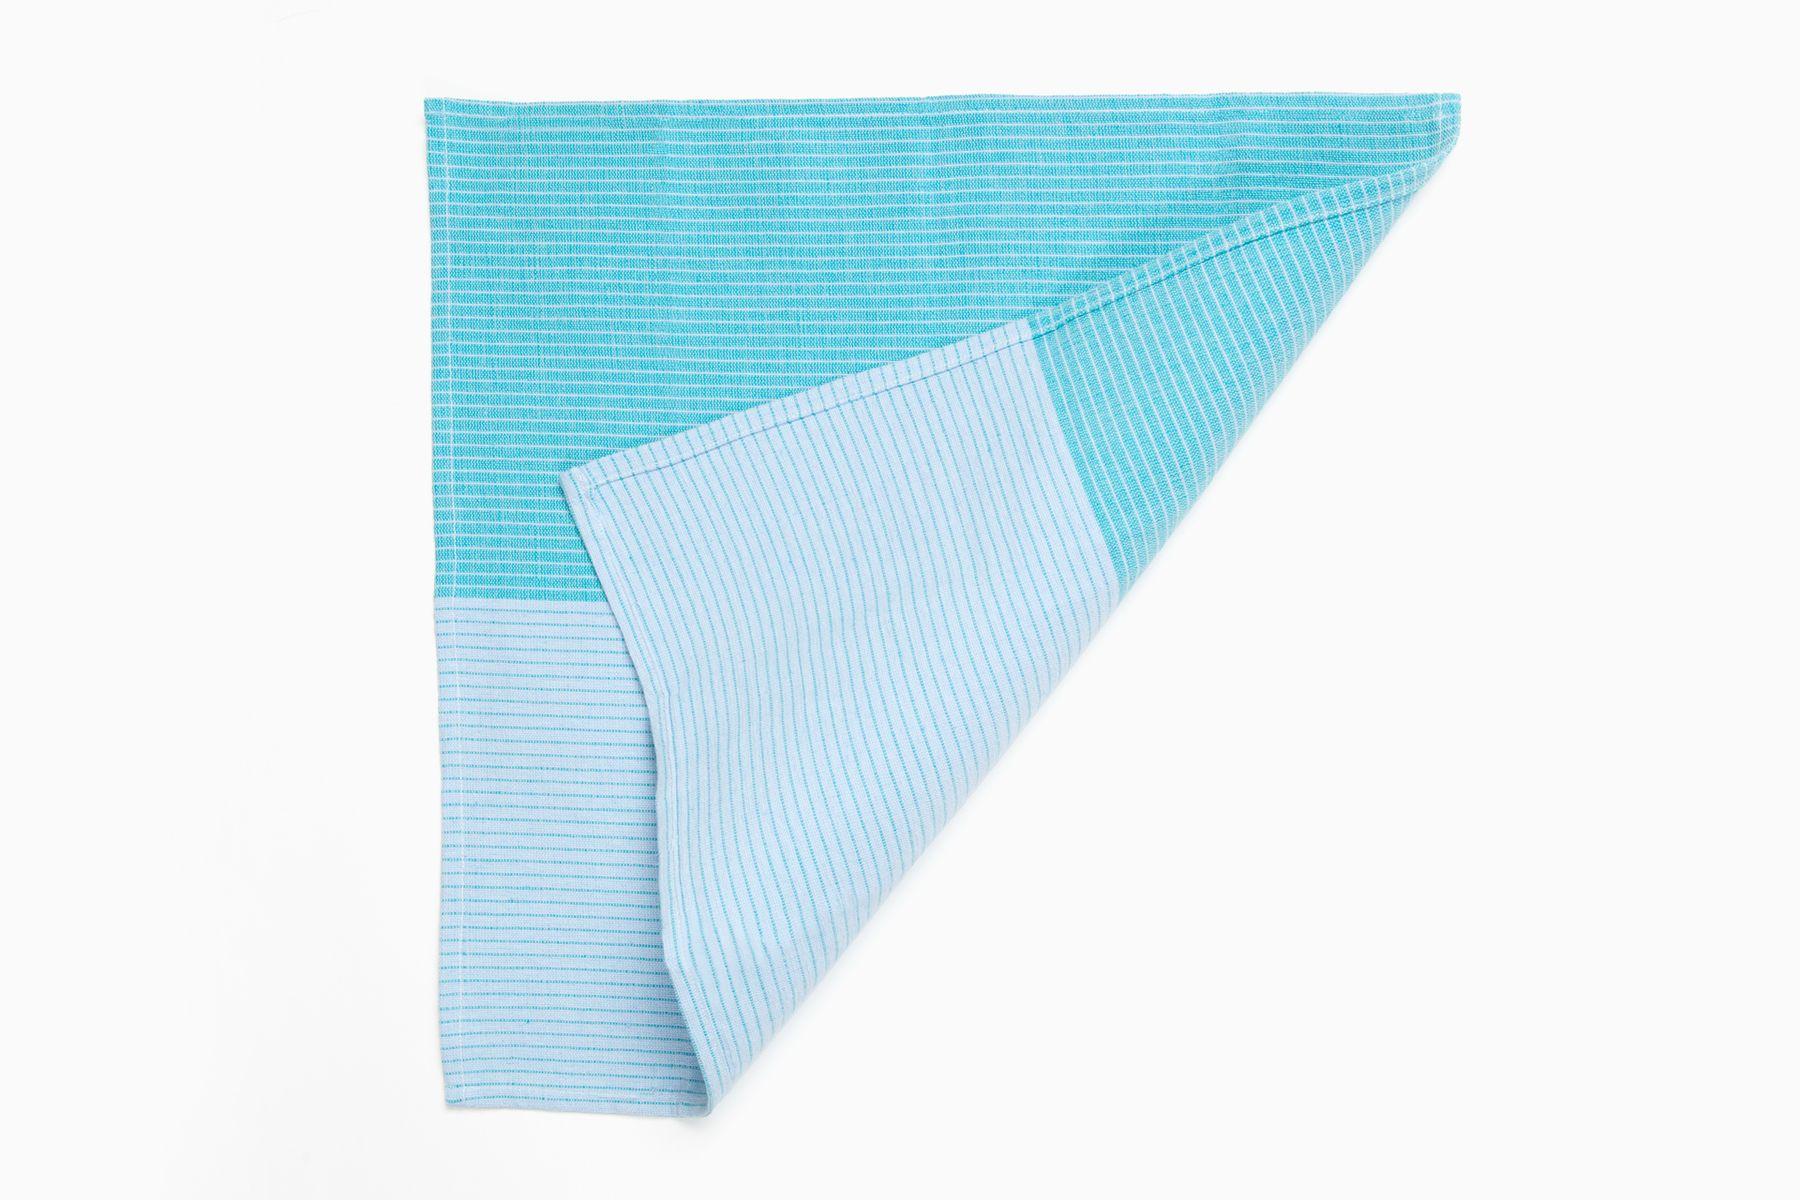 Nappe Et 6 Serviettes Bleues Bleu Vert Et 6 Ronds De Serviettes En Forme De D Oaxaca Facades Par